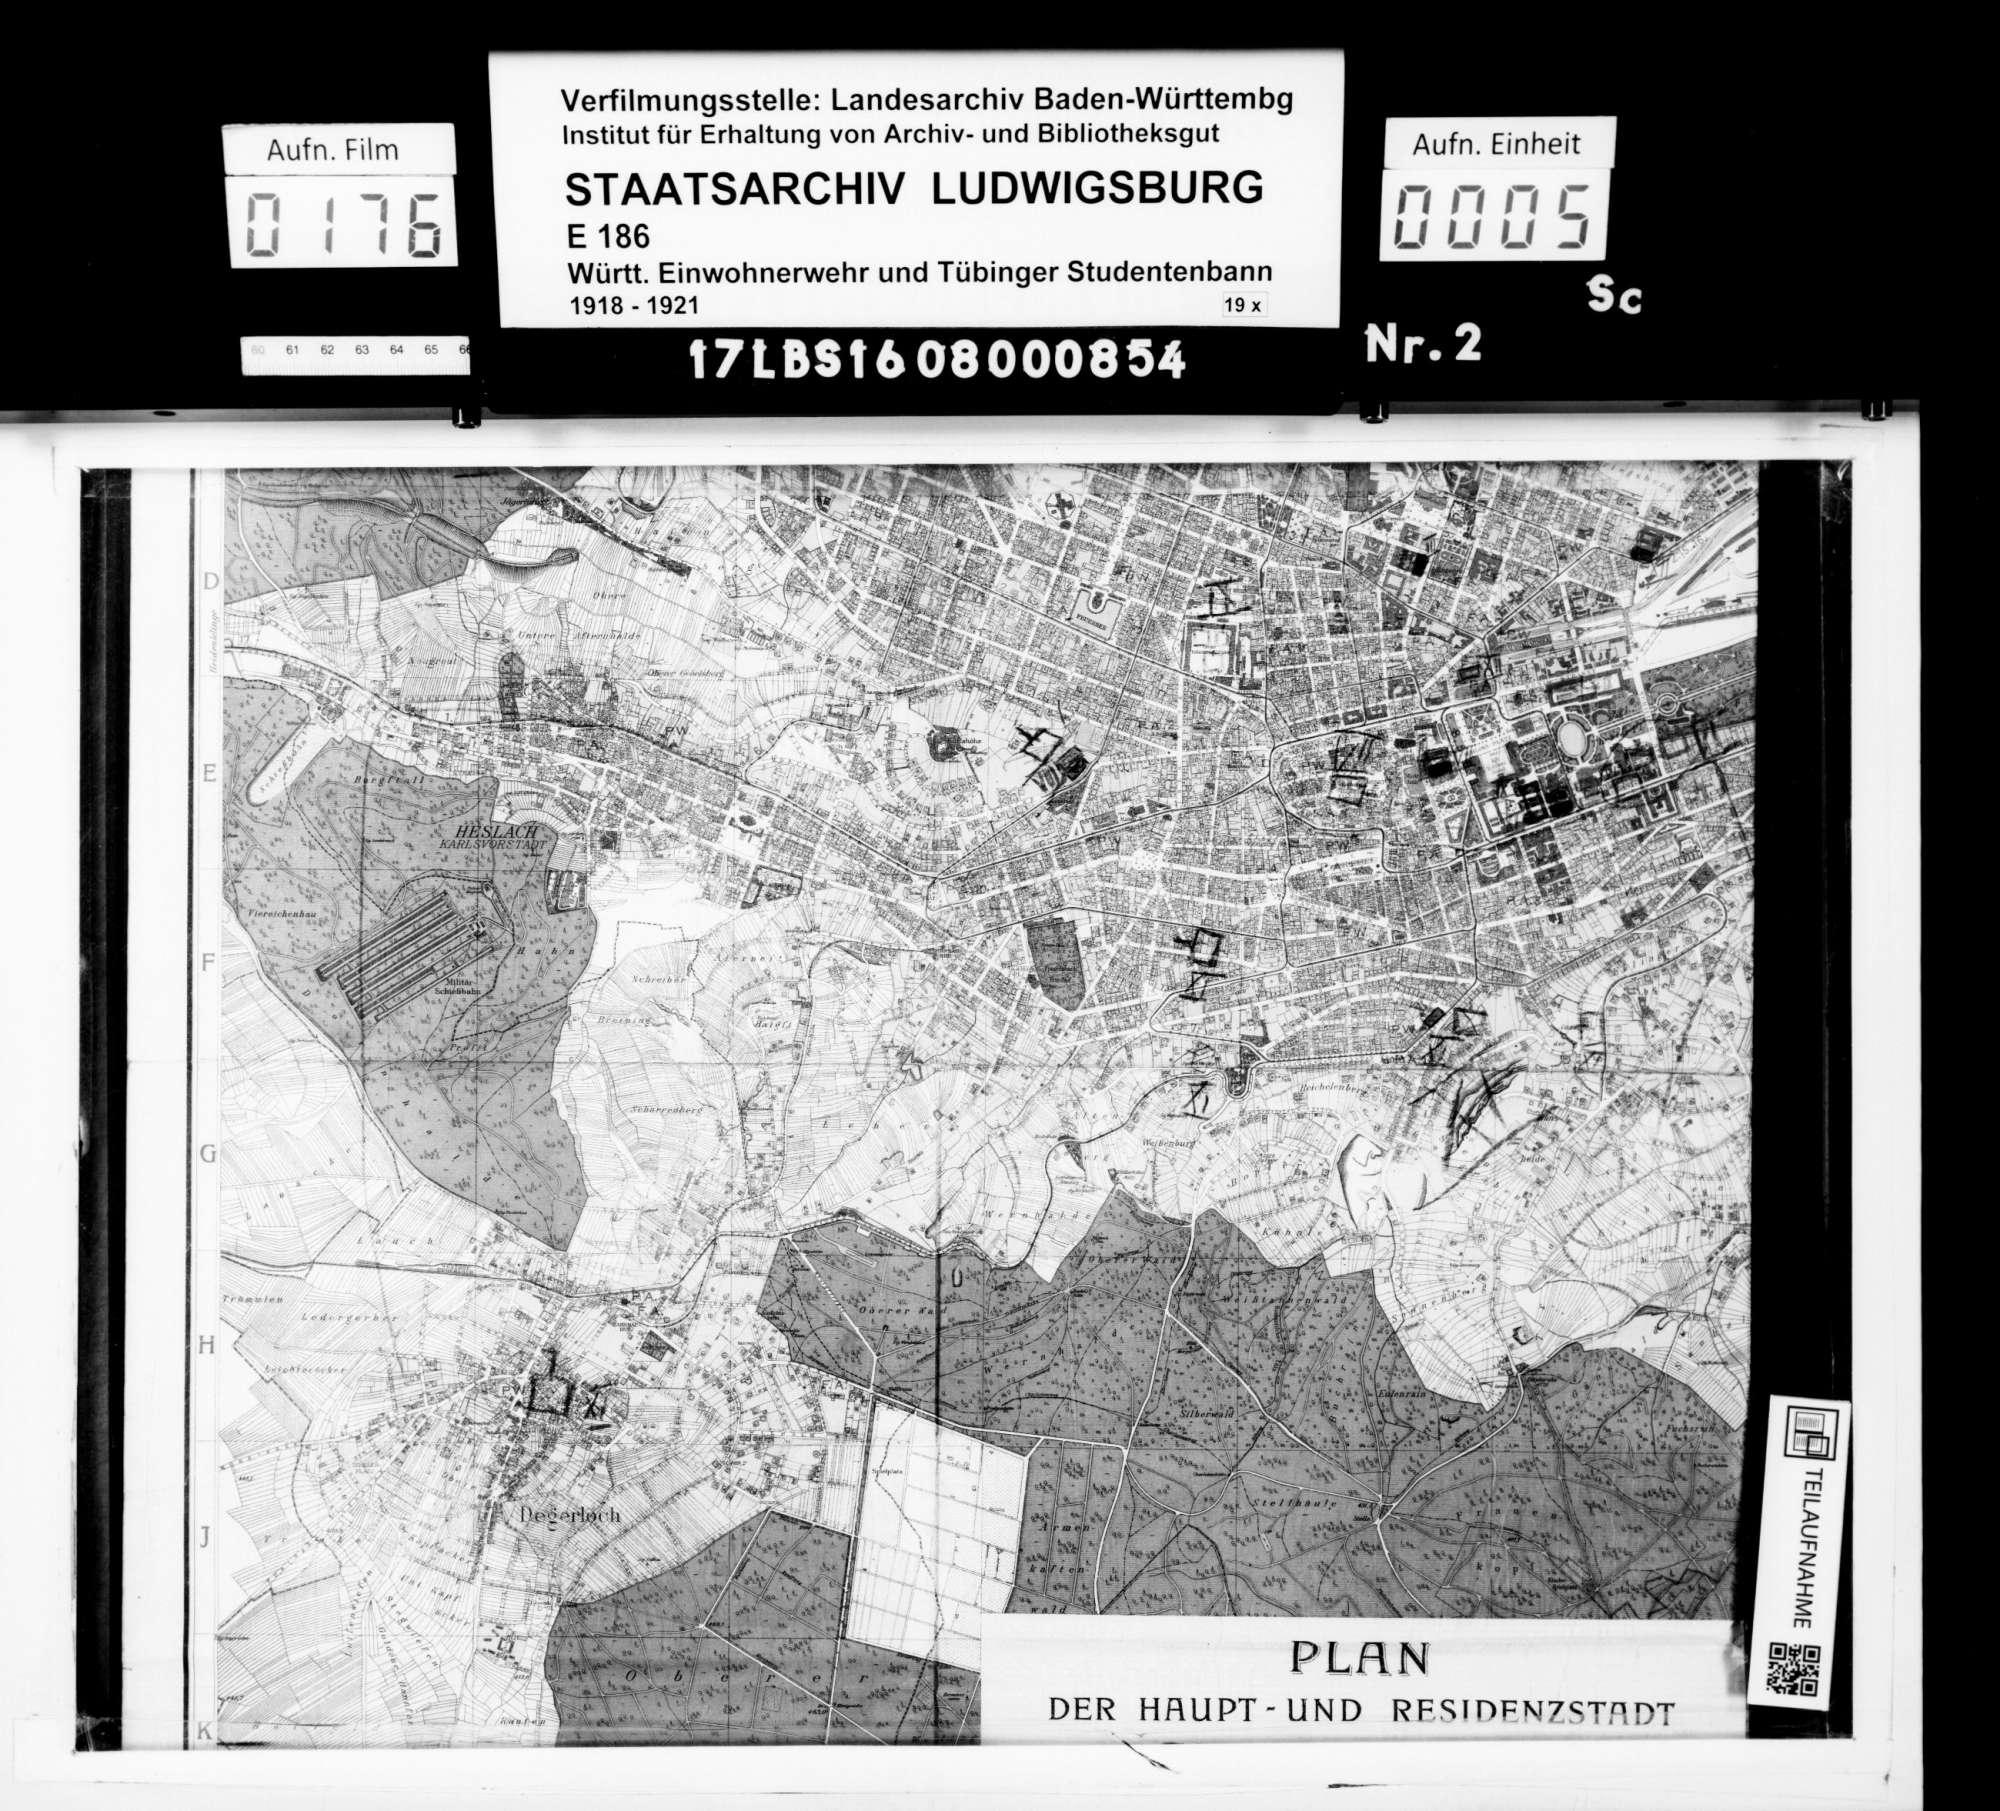 Pläne zum Alarmsystem der Einwohnerwehr Stuttgart, Bild 3